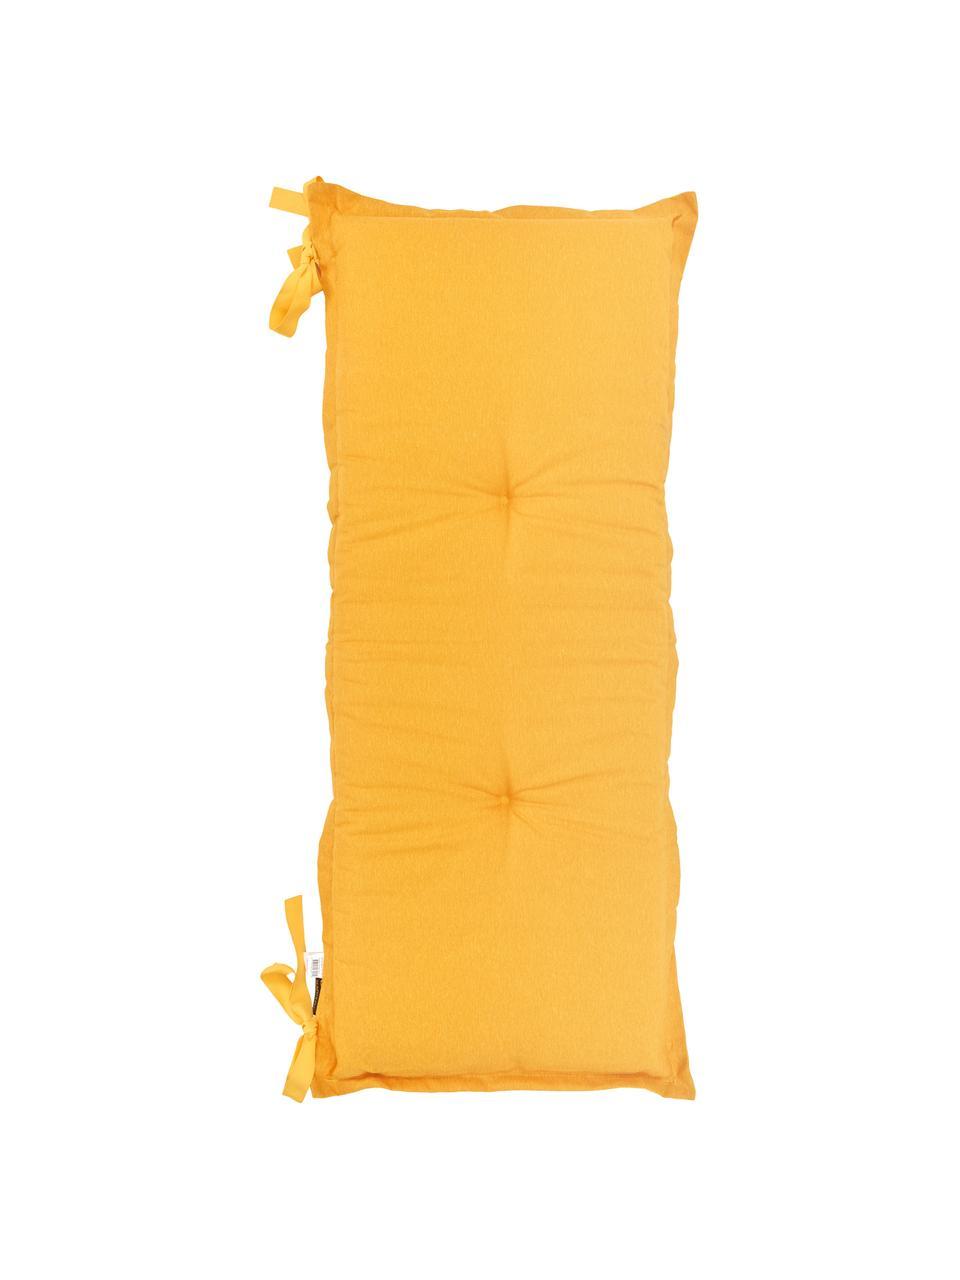 Einfarbige Bankauflage Panama in Gelb, 50% Baumwolle, 45% Polyester, 5% andere Fasern, Gelb, 48 x 120 cm